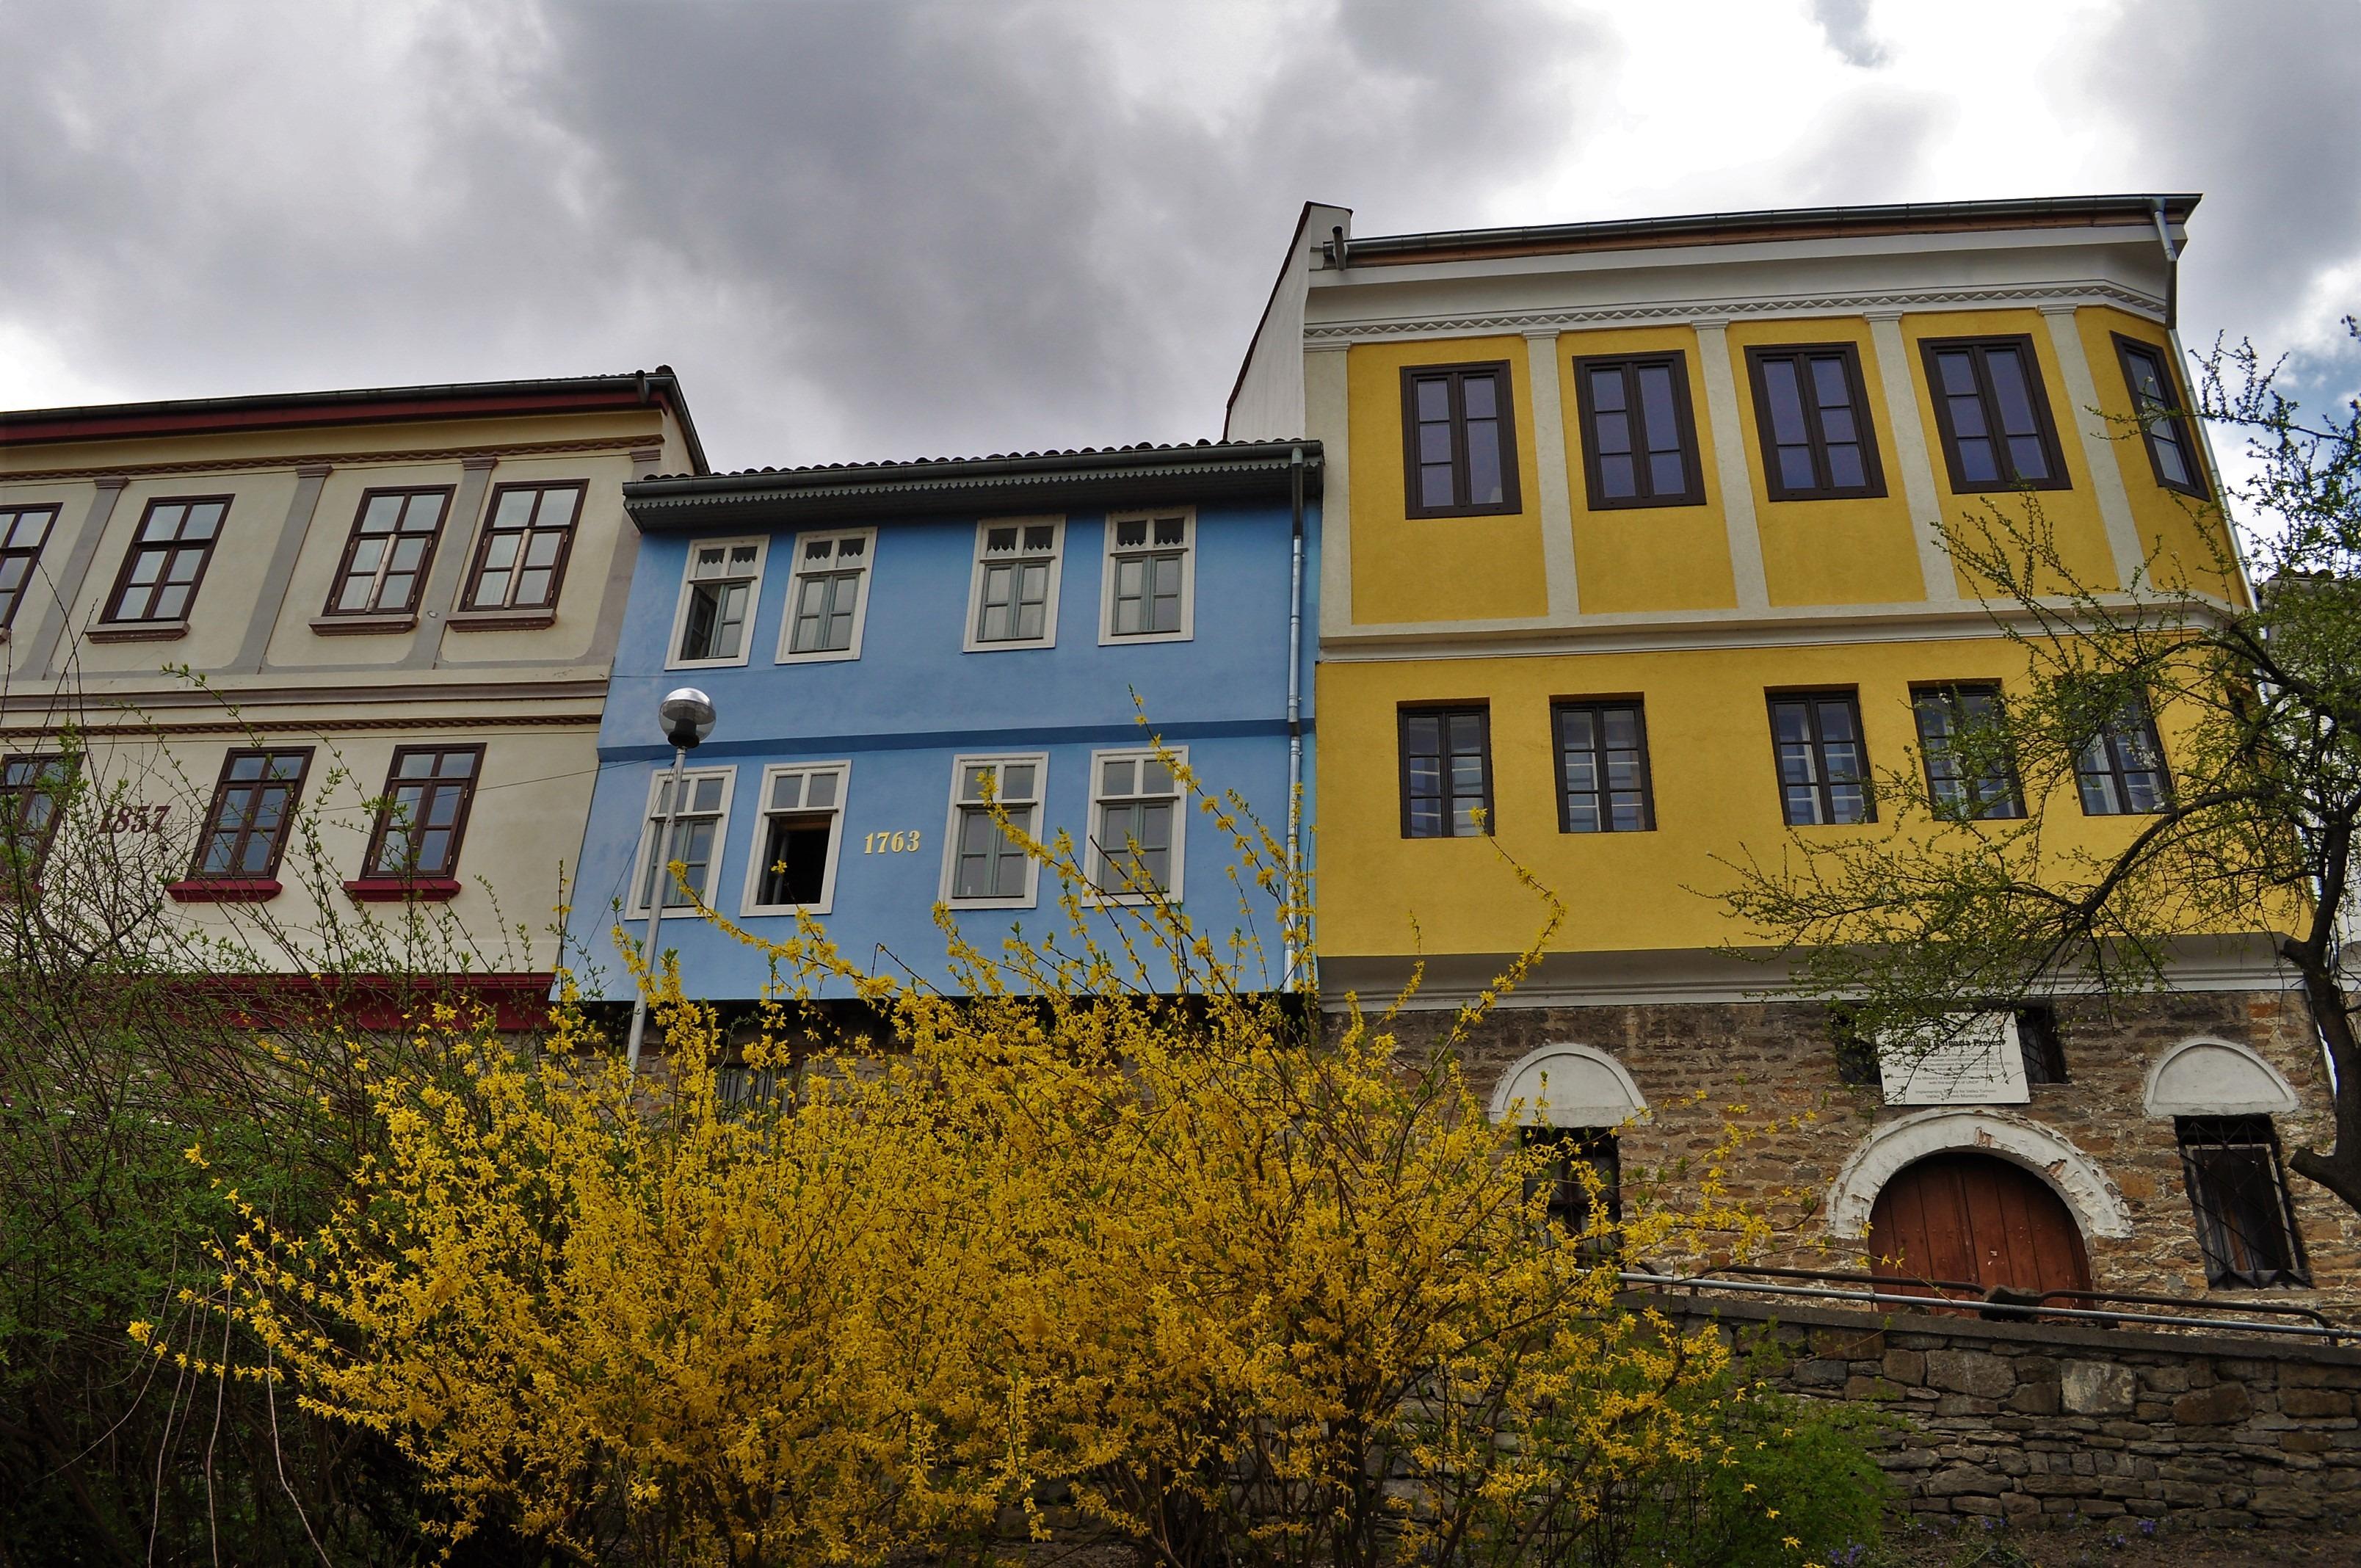 За разлика от голяма част от туристическите ни центрове, които през зимата изпадат в летаргия, Търново е оживено през цялата година.